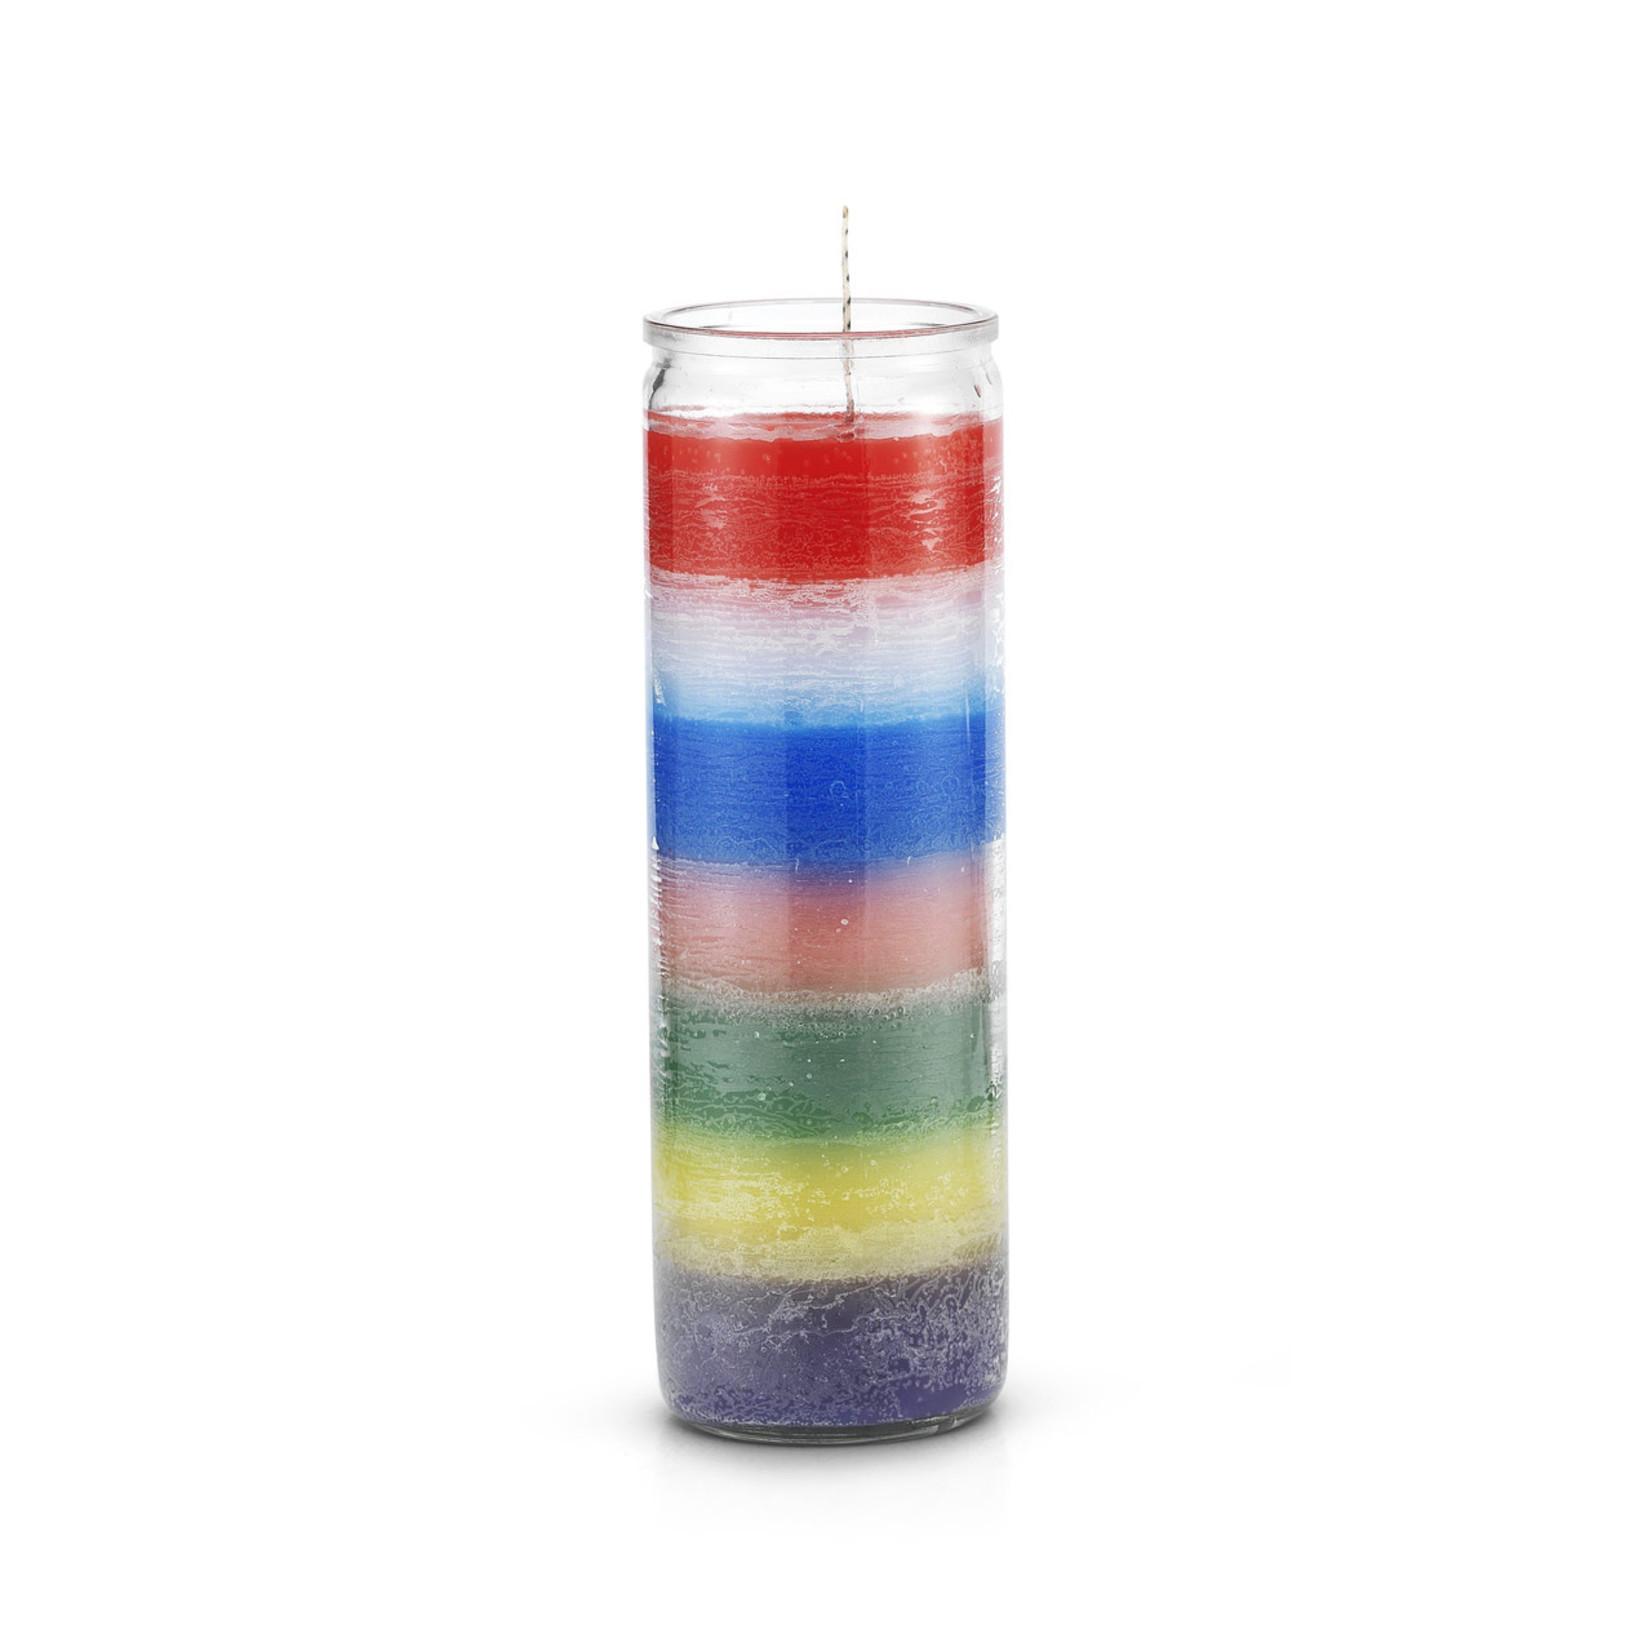 Plain Rainbow 7 Day Candle